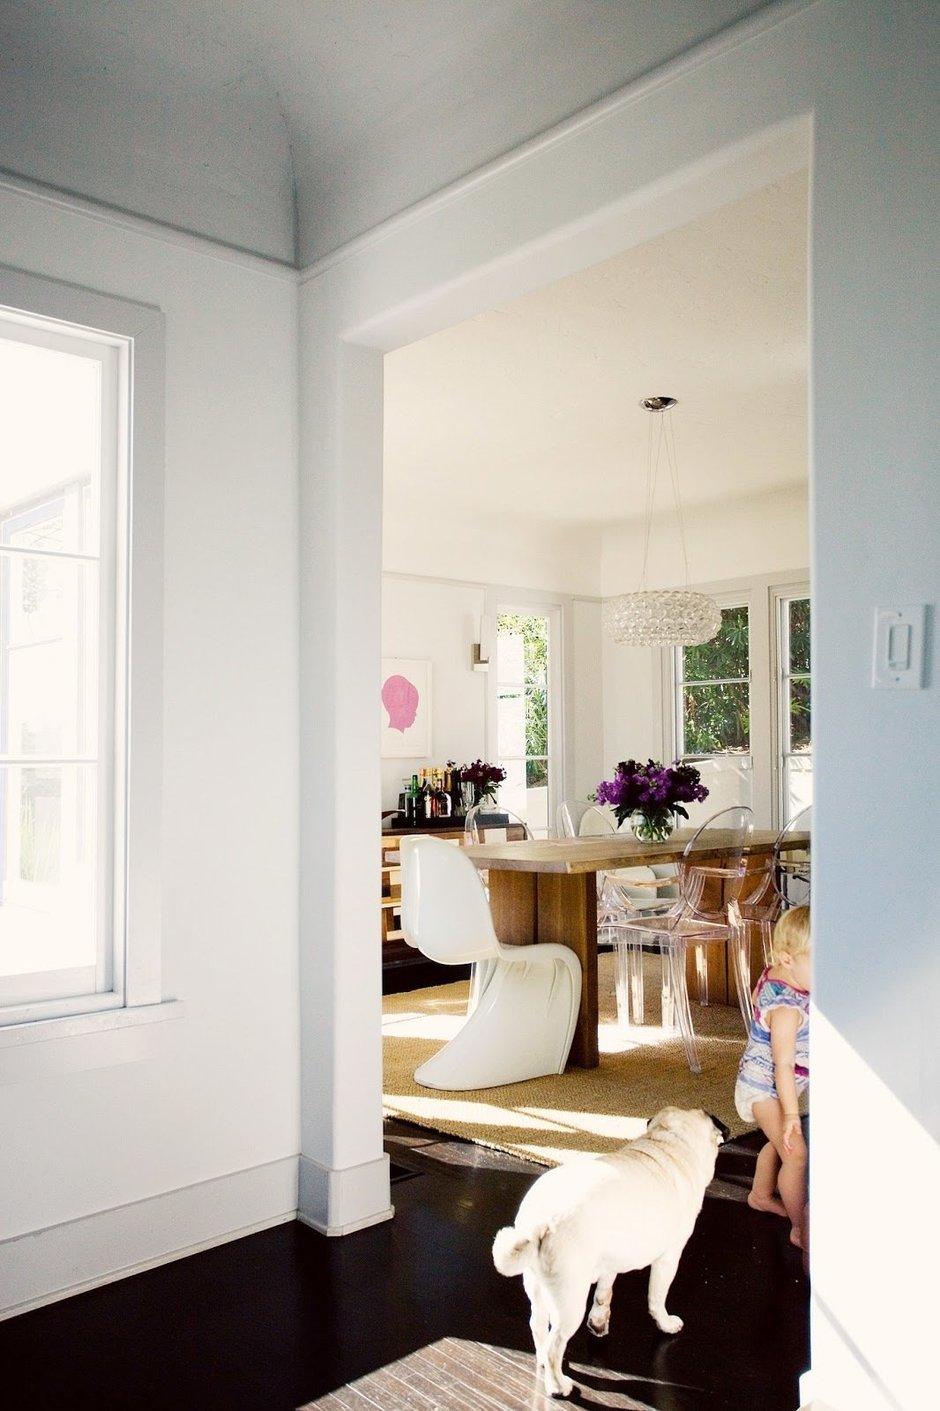 Фотография: Кухня и столовая в стиле Современный, Дом, Дома и квартиры, IKEA, Калифорния – фото на InMyRoom.ru